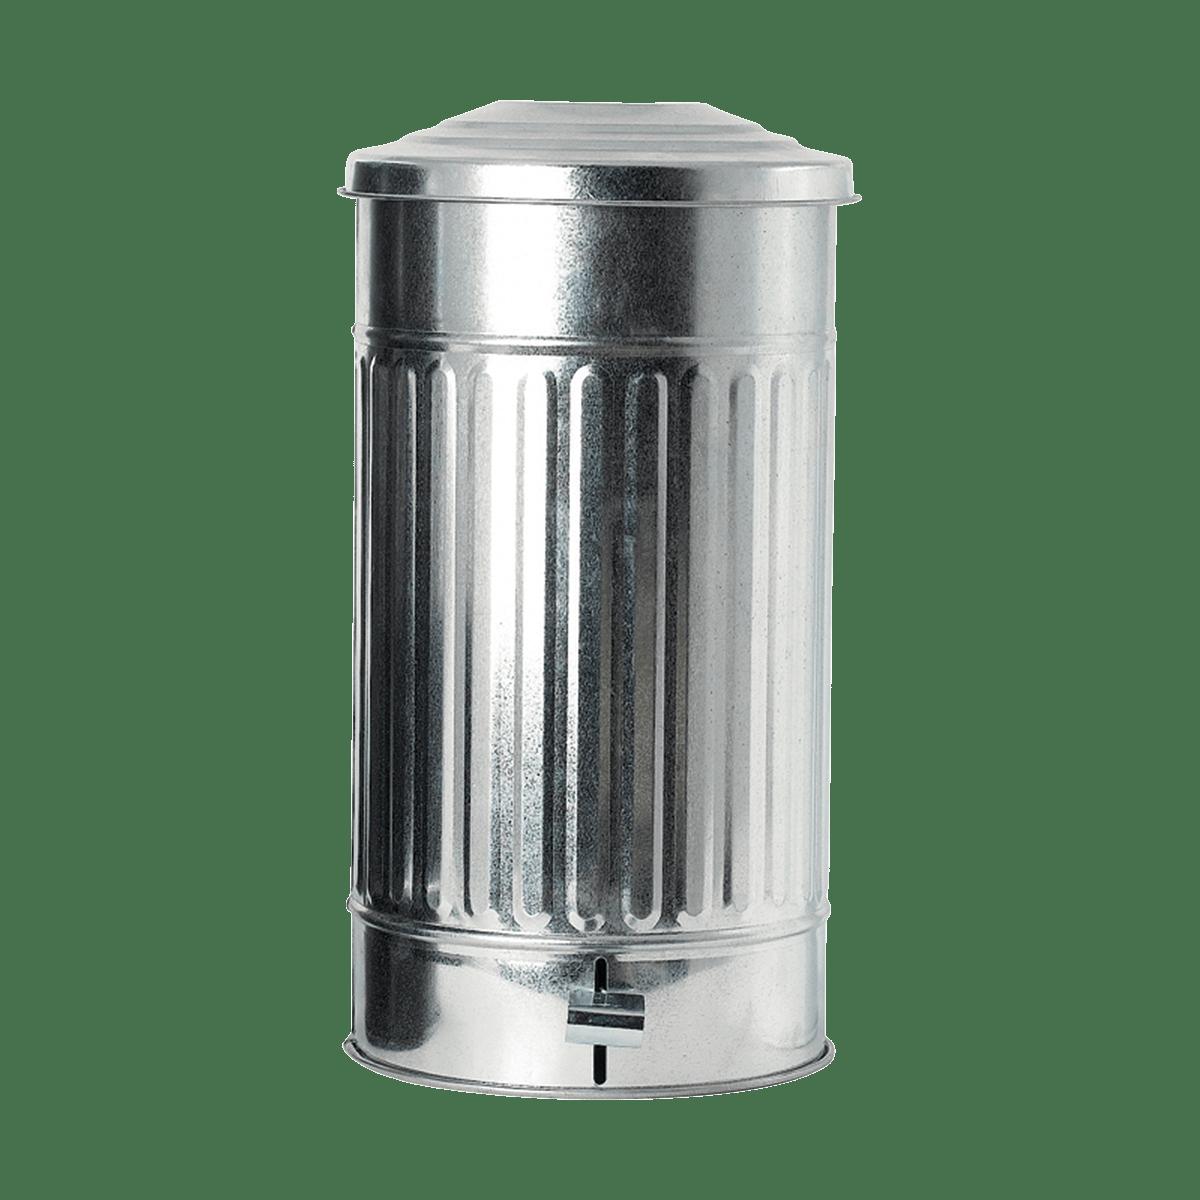 Zinkový koš na odpadky Ø25,5x48 cm